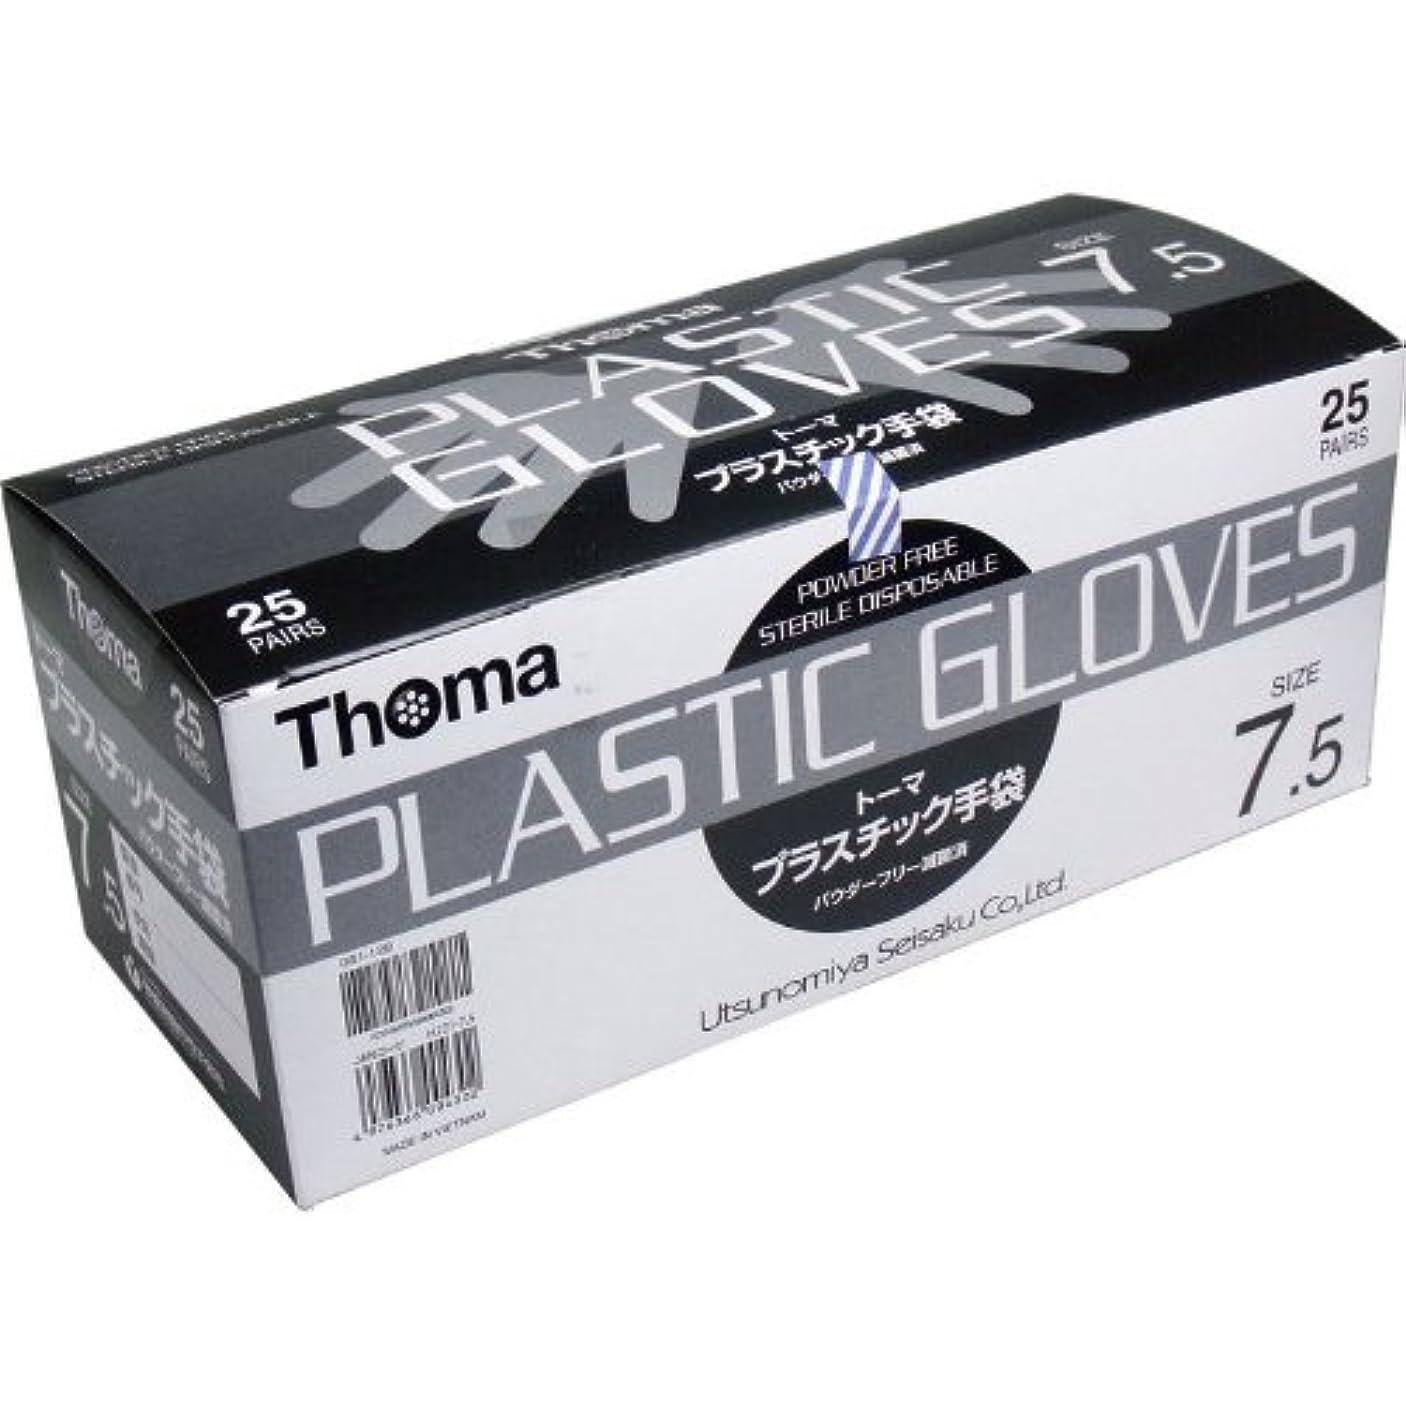 とは異なり一目くぼみパウダーフリー手袋 1双毎に滅菌包装、衛生的 便利 トーマ プラスチック手袋 パウダーフリー滅菌済 25双入 サイズ7.5【3個セット】